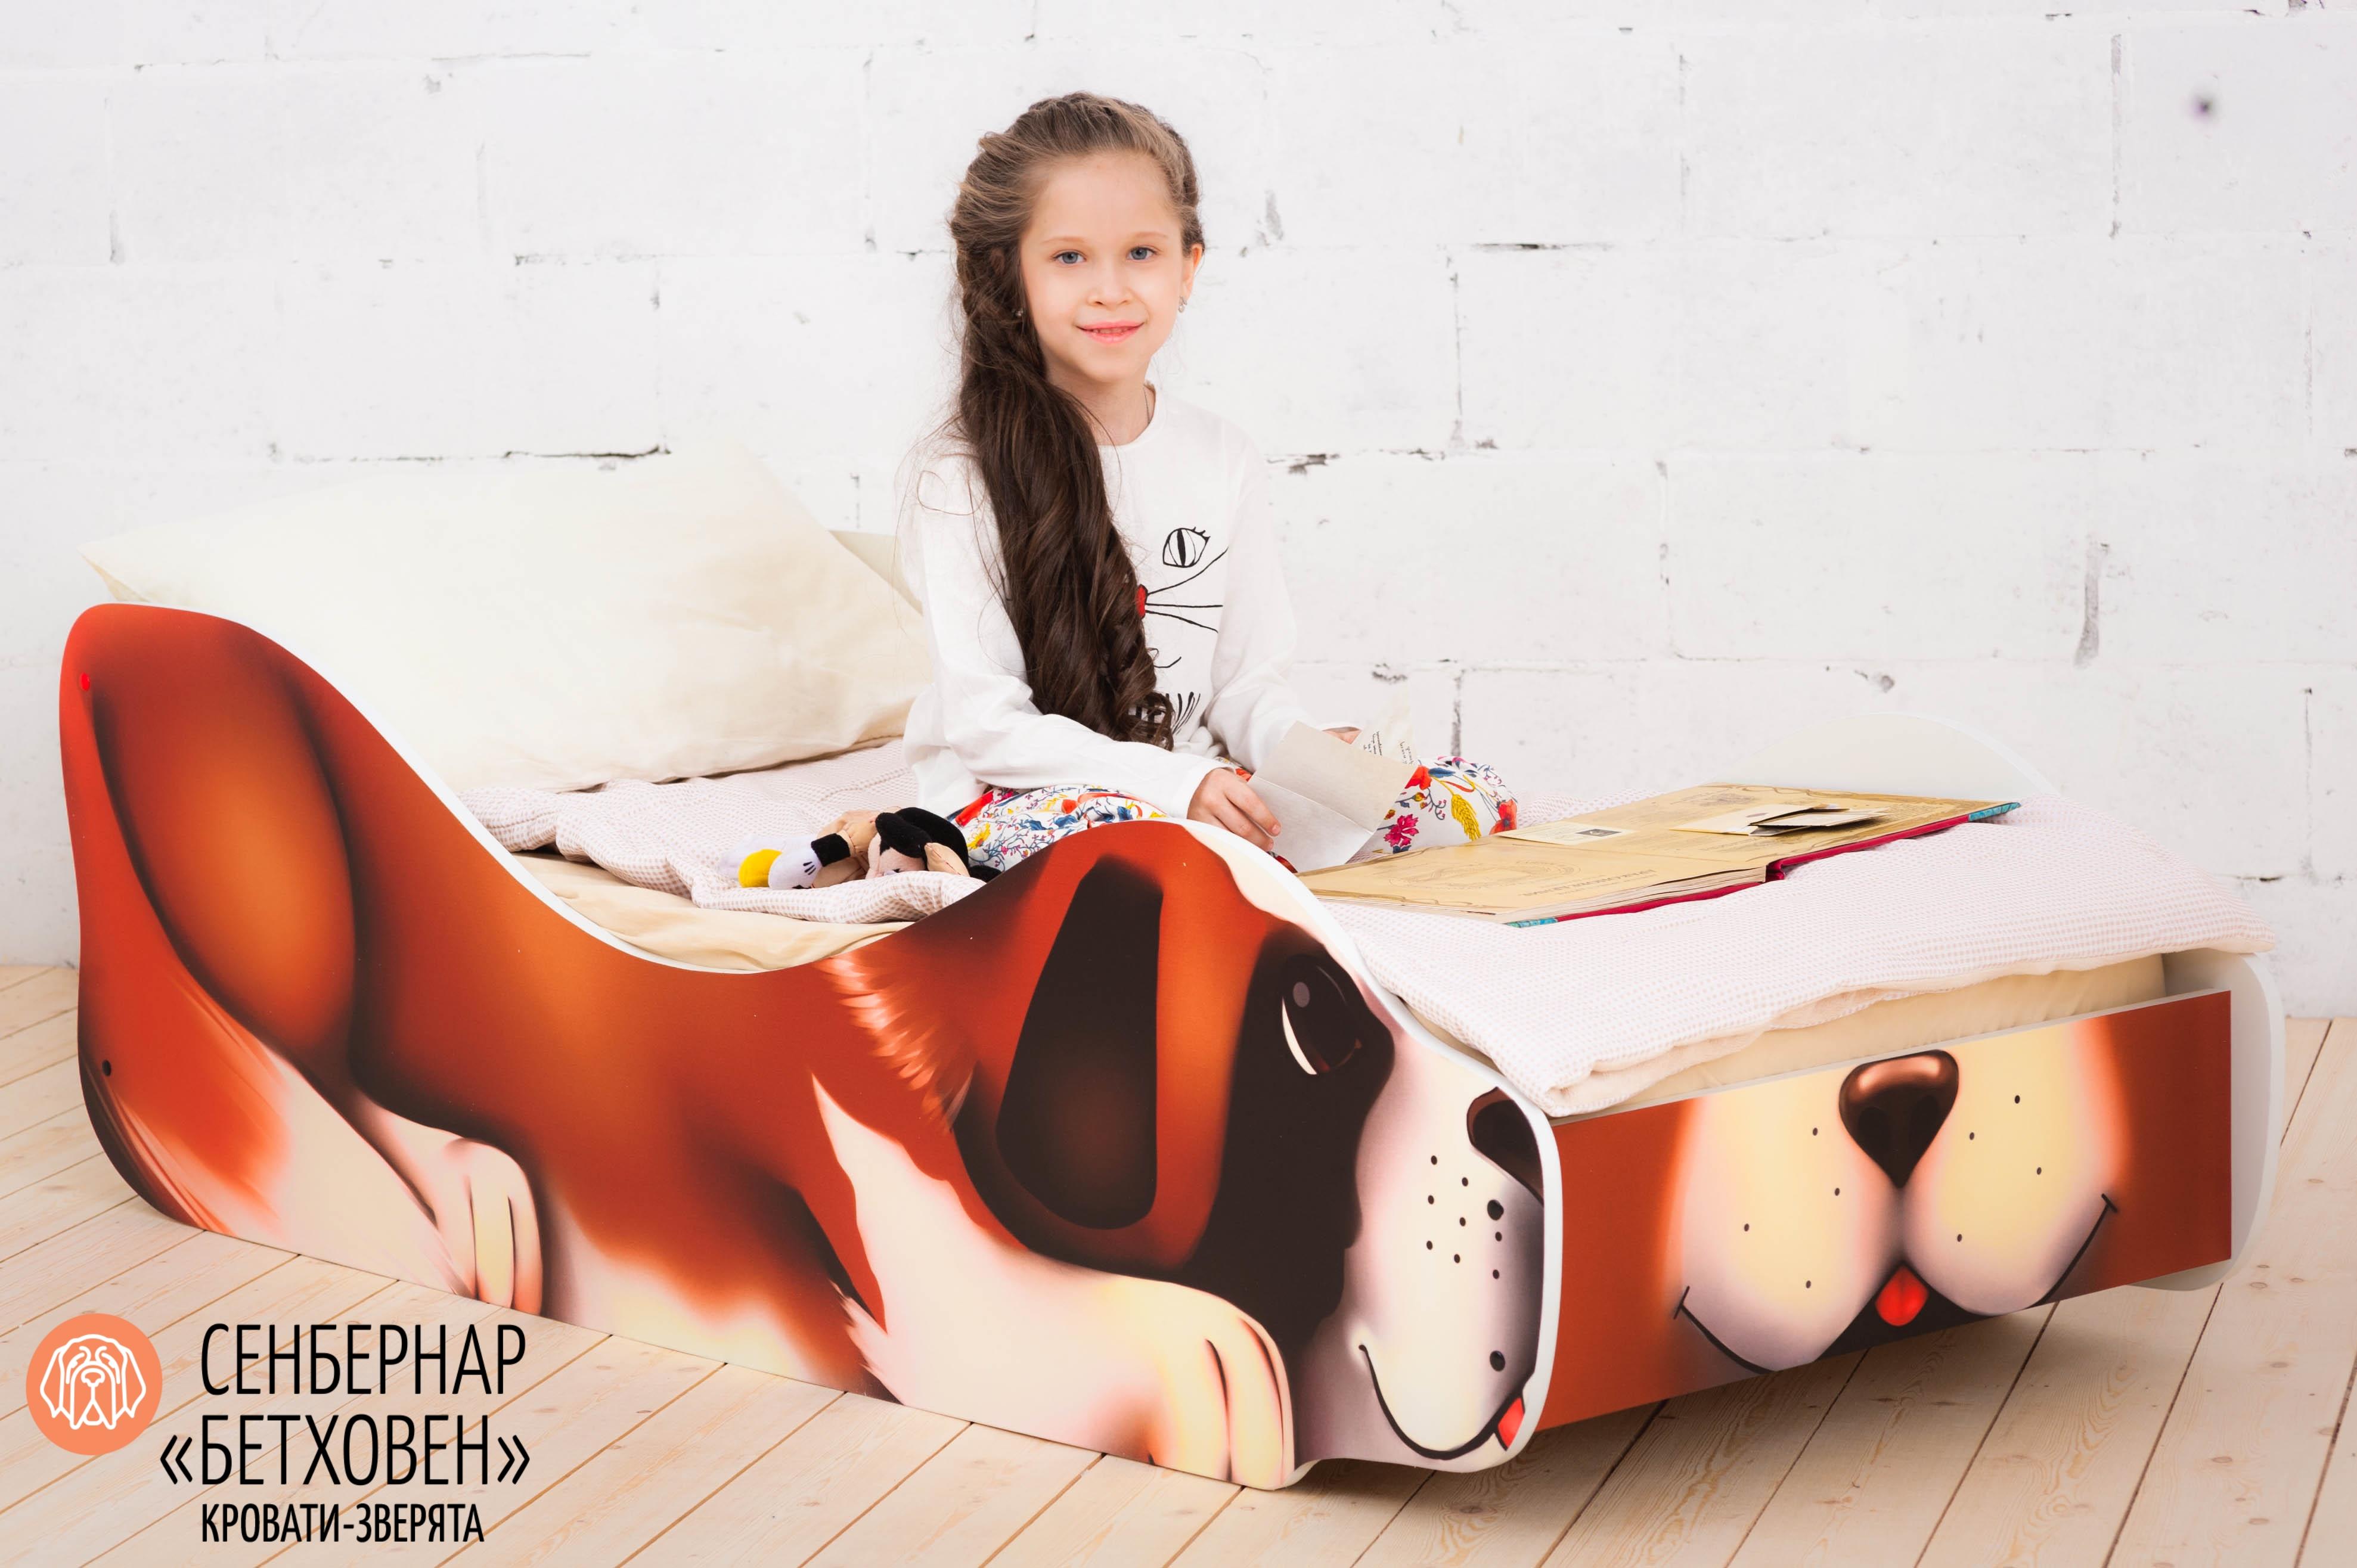 Детская кровать-зверенок -Сенбернар- Бетховен-17